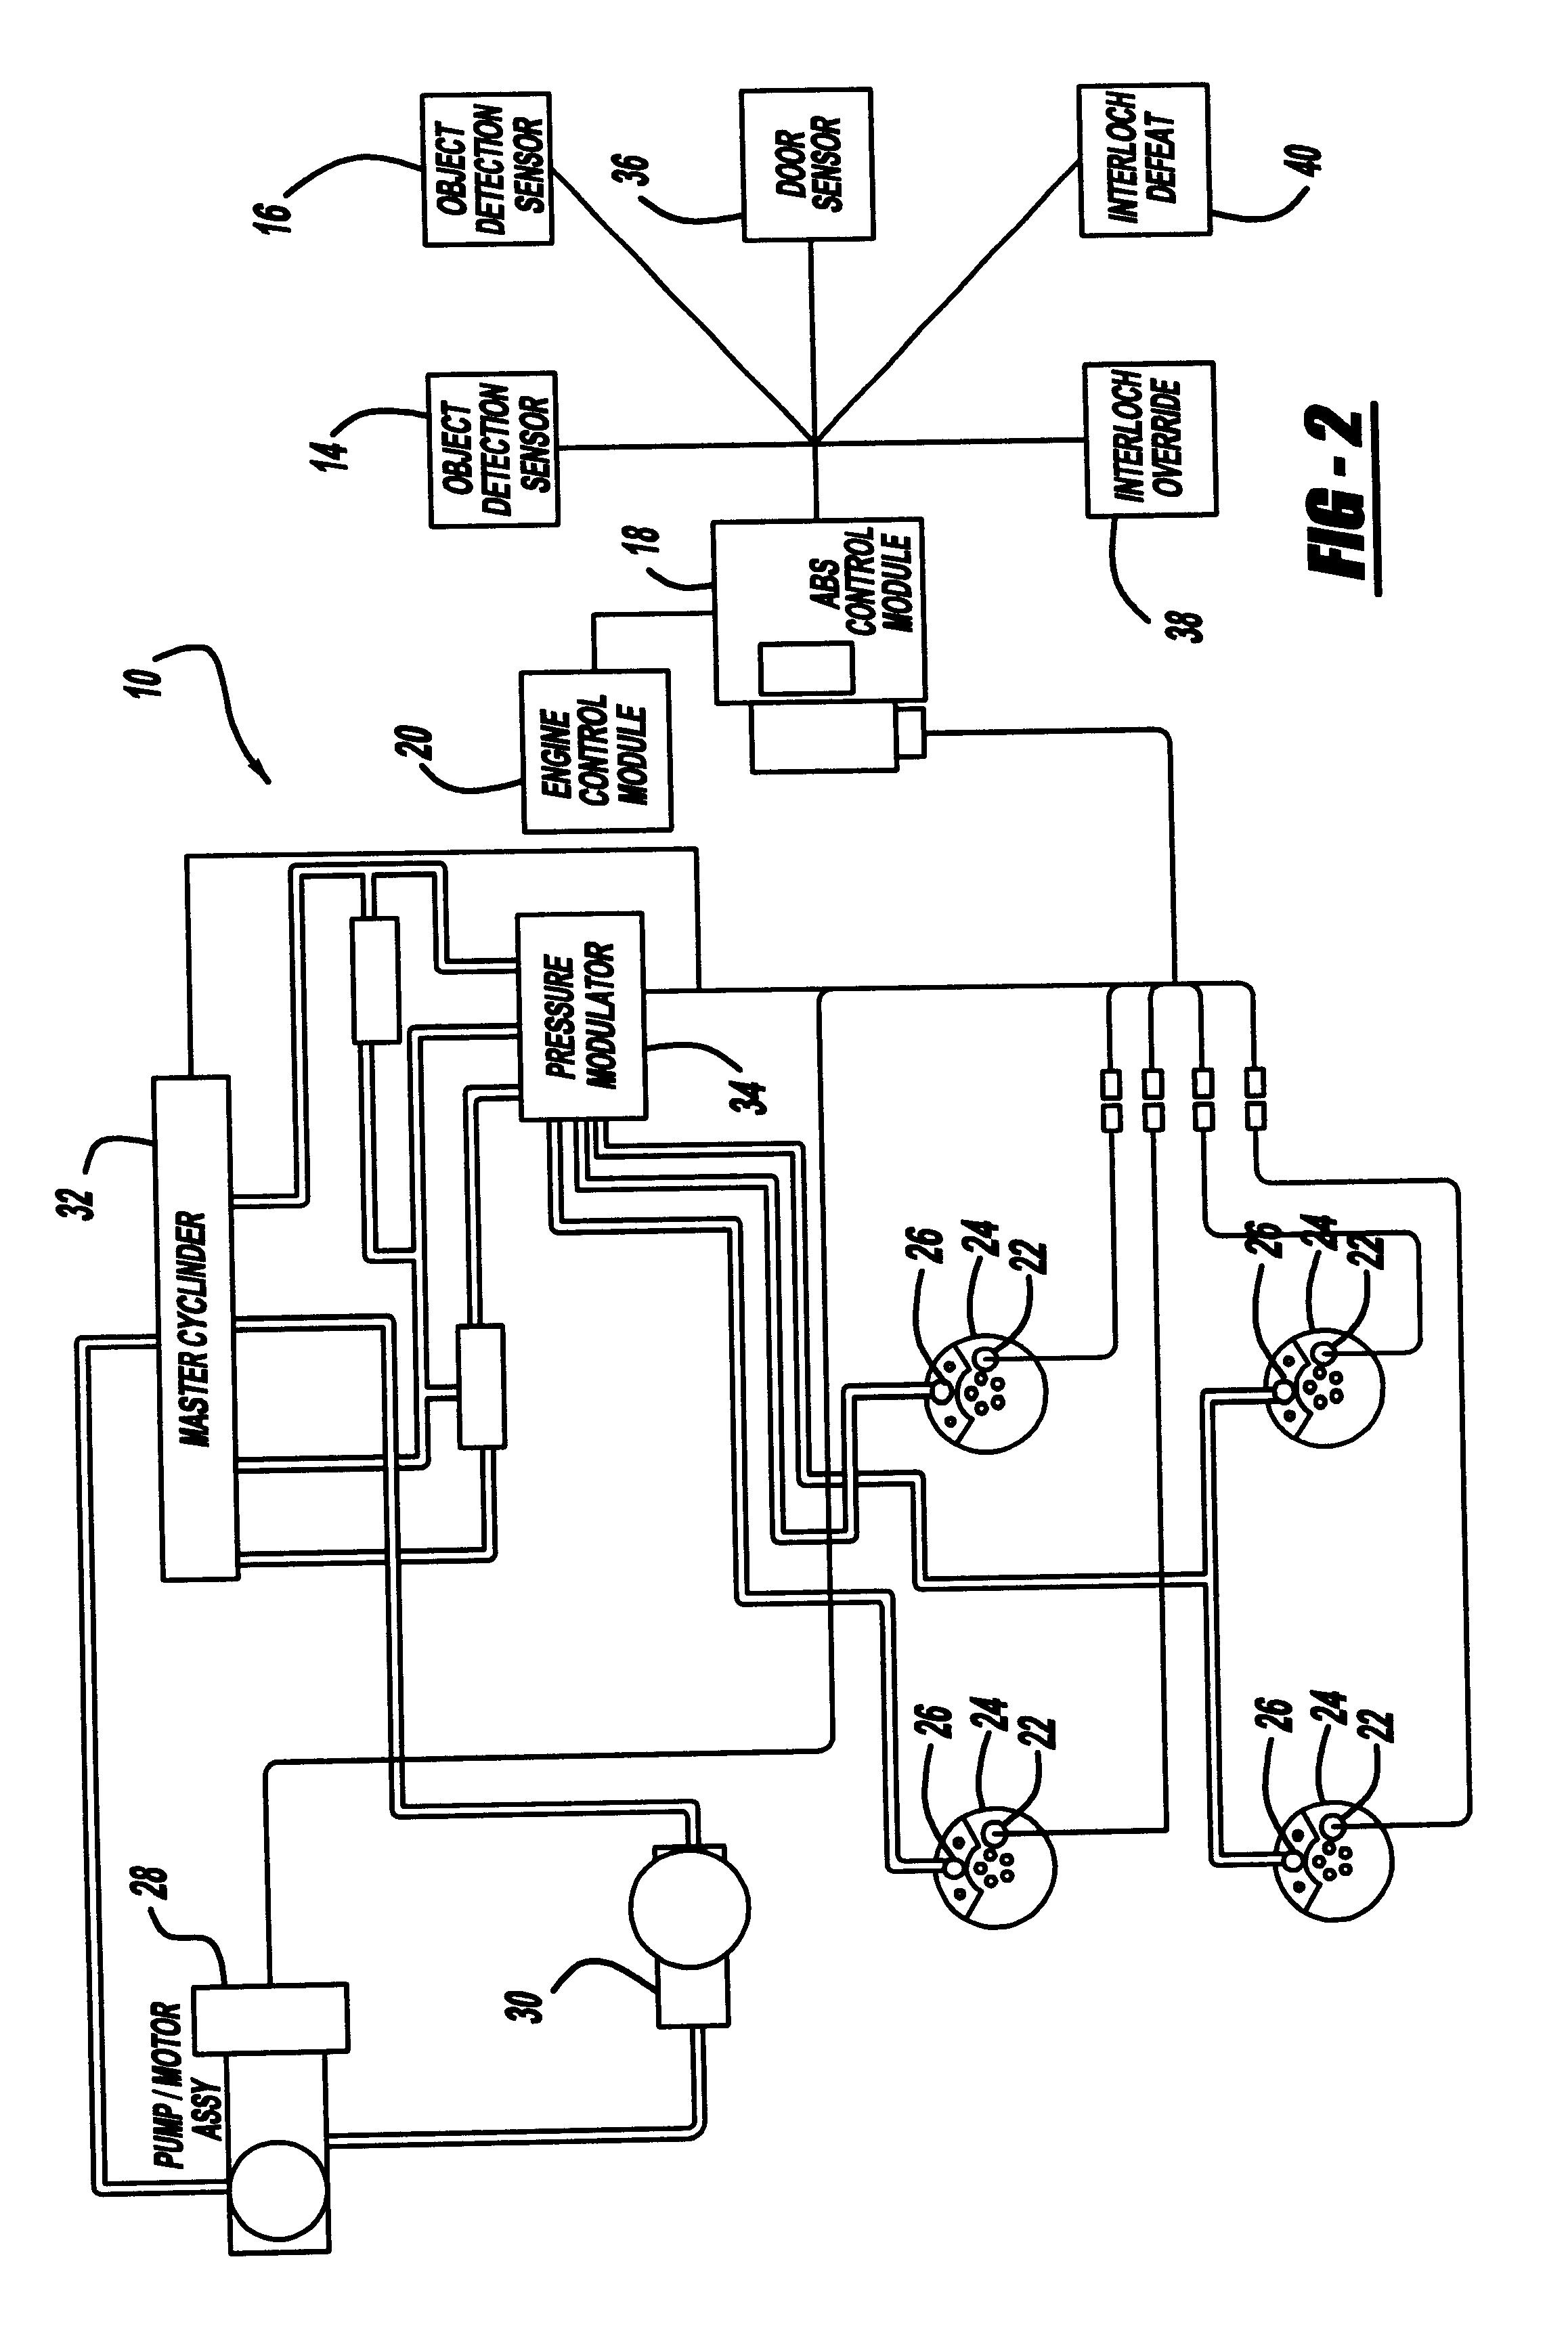 Scania Wiring Diagram Schematics 113 Source Amazing Crest Ideas Us06601669